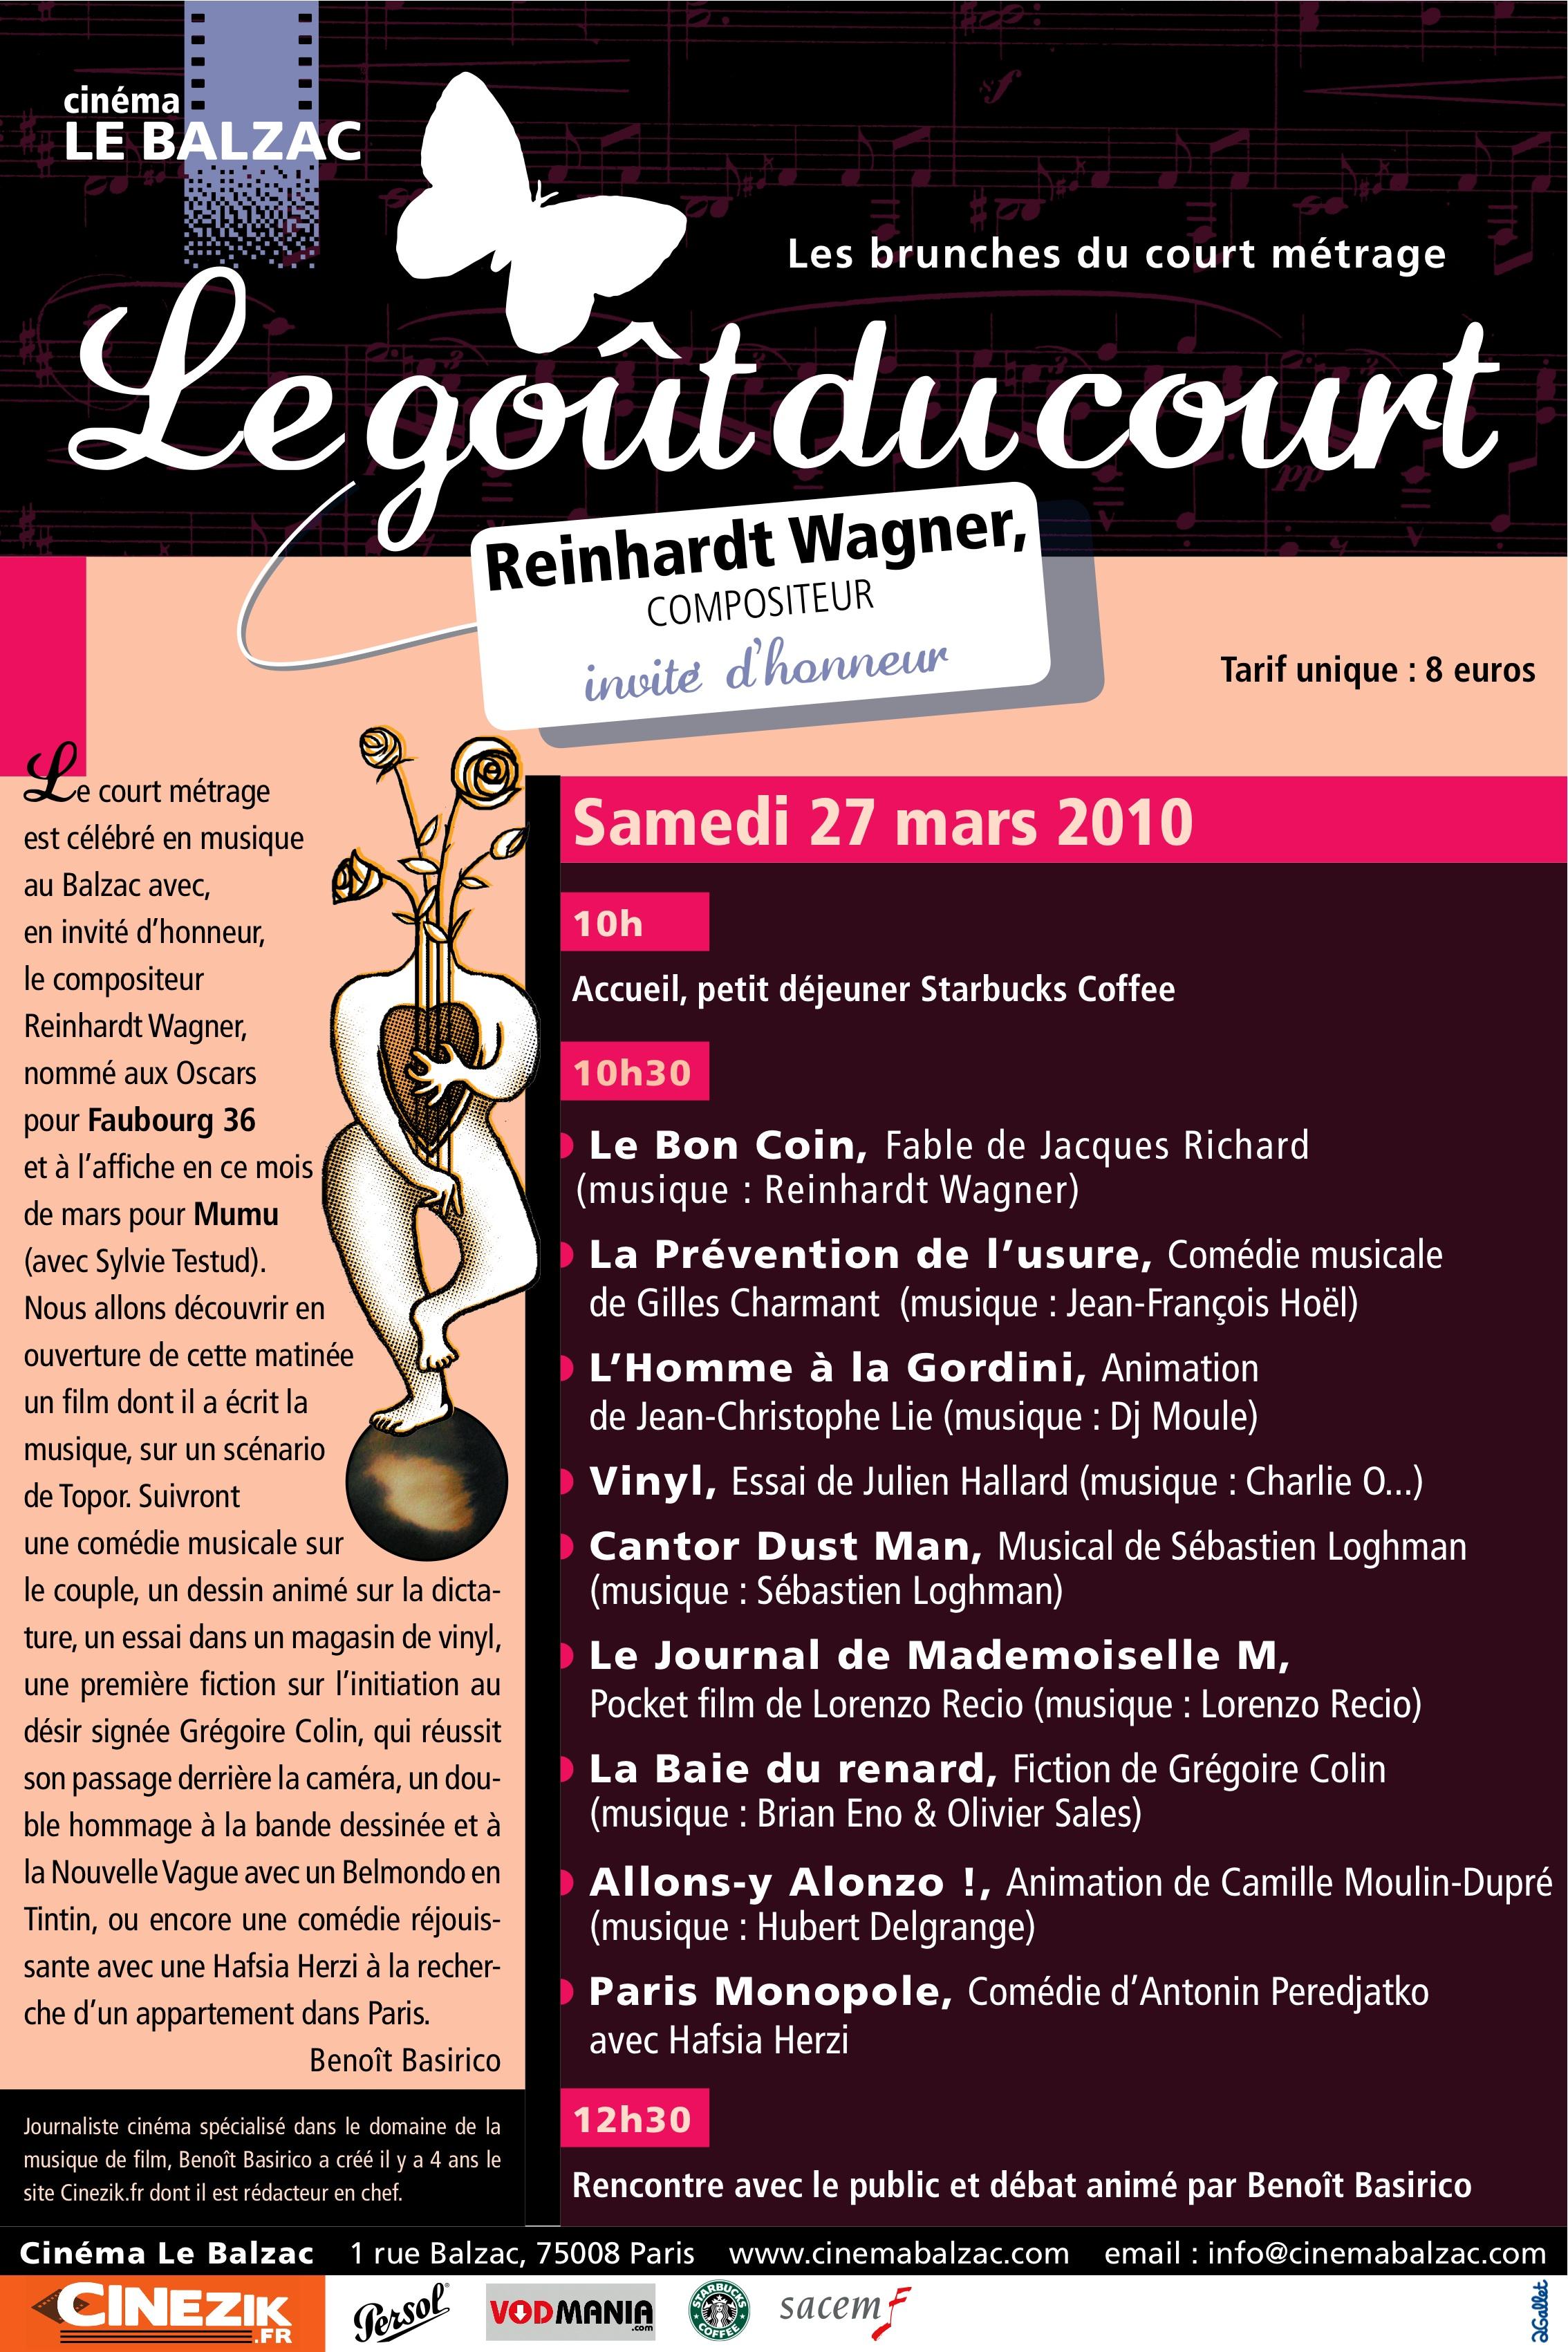 gout-du-court-mars